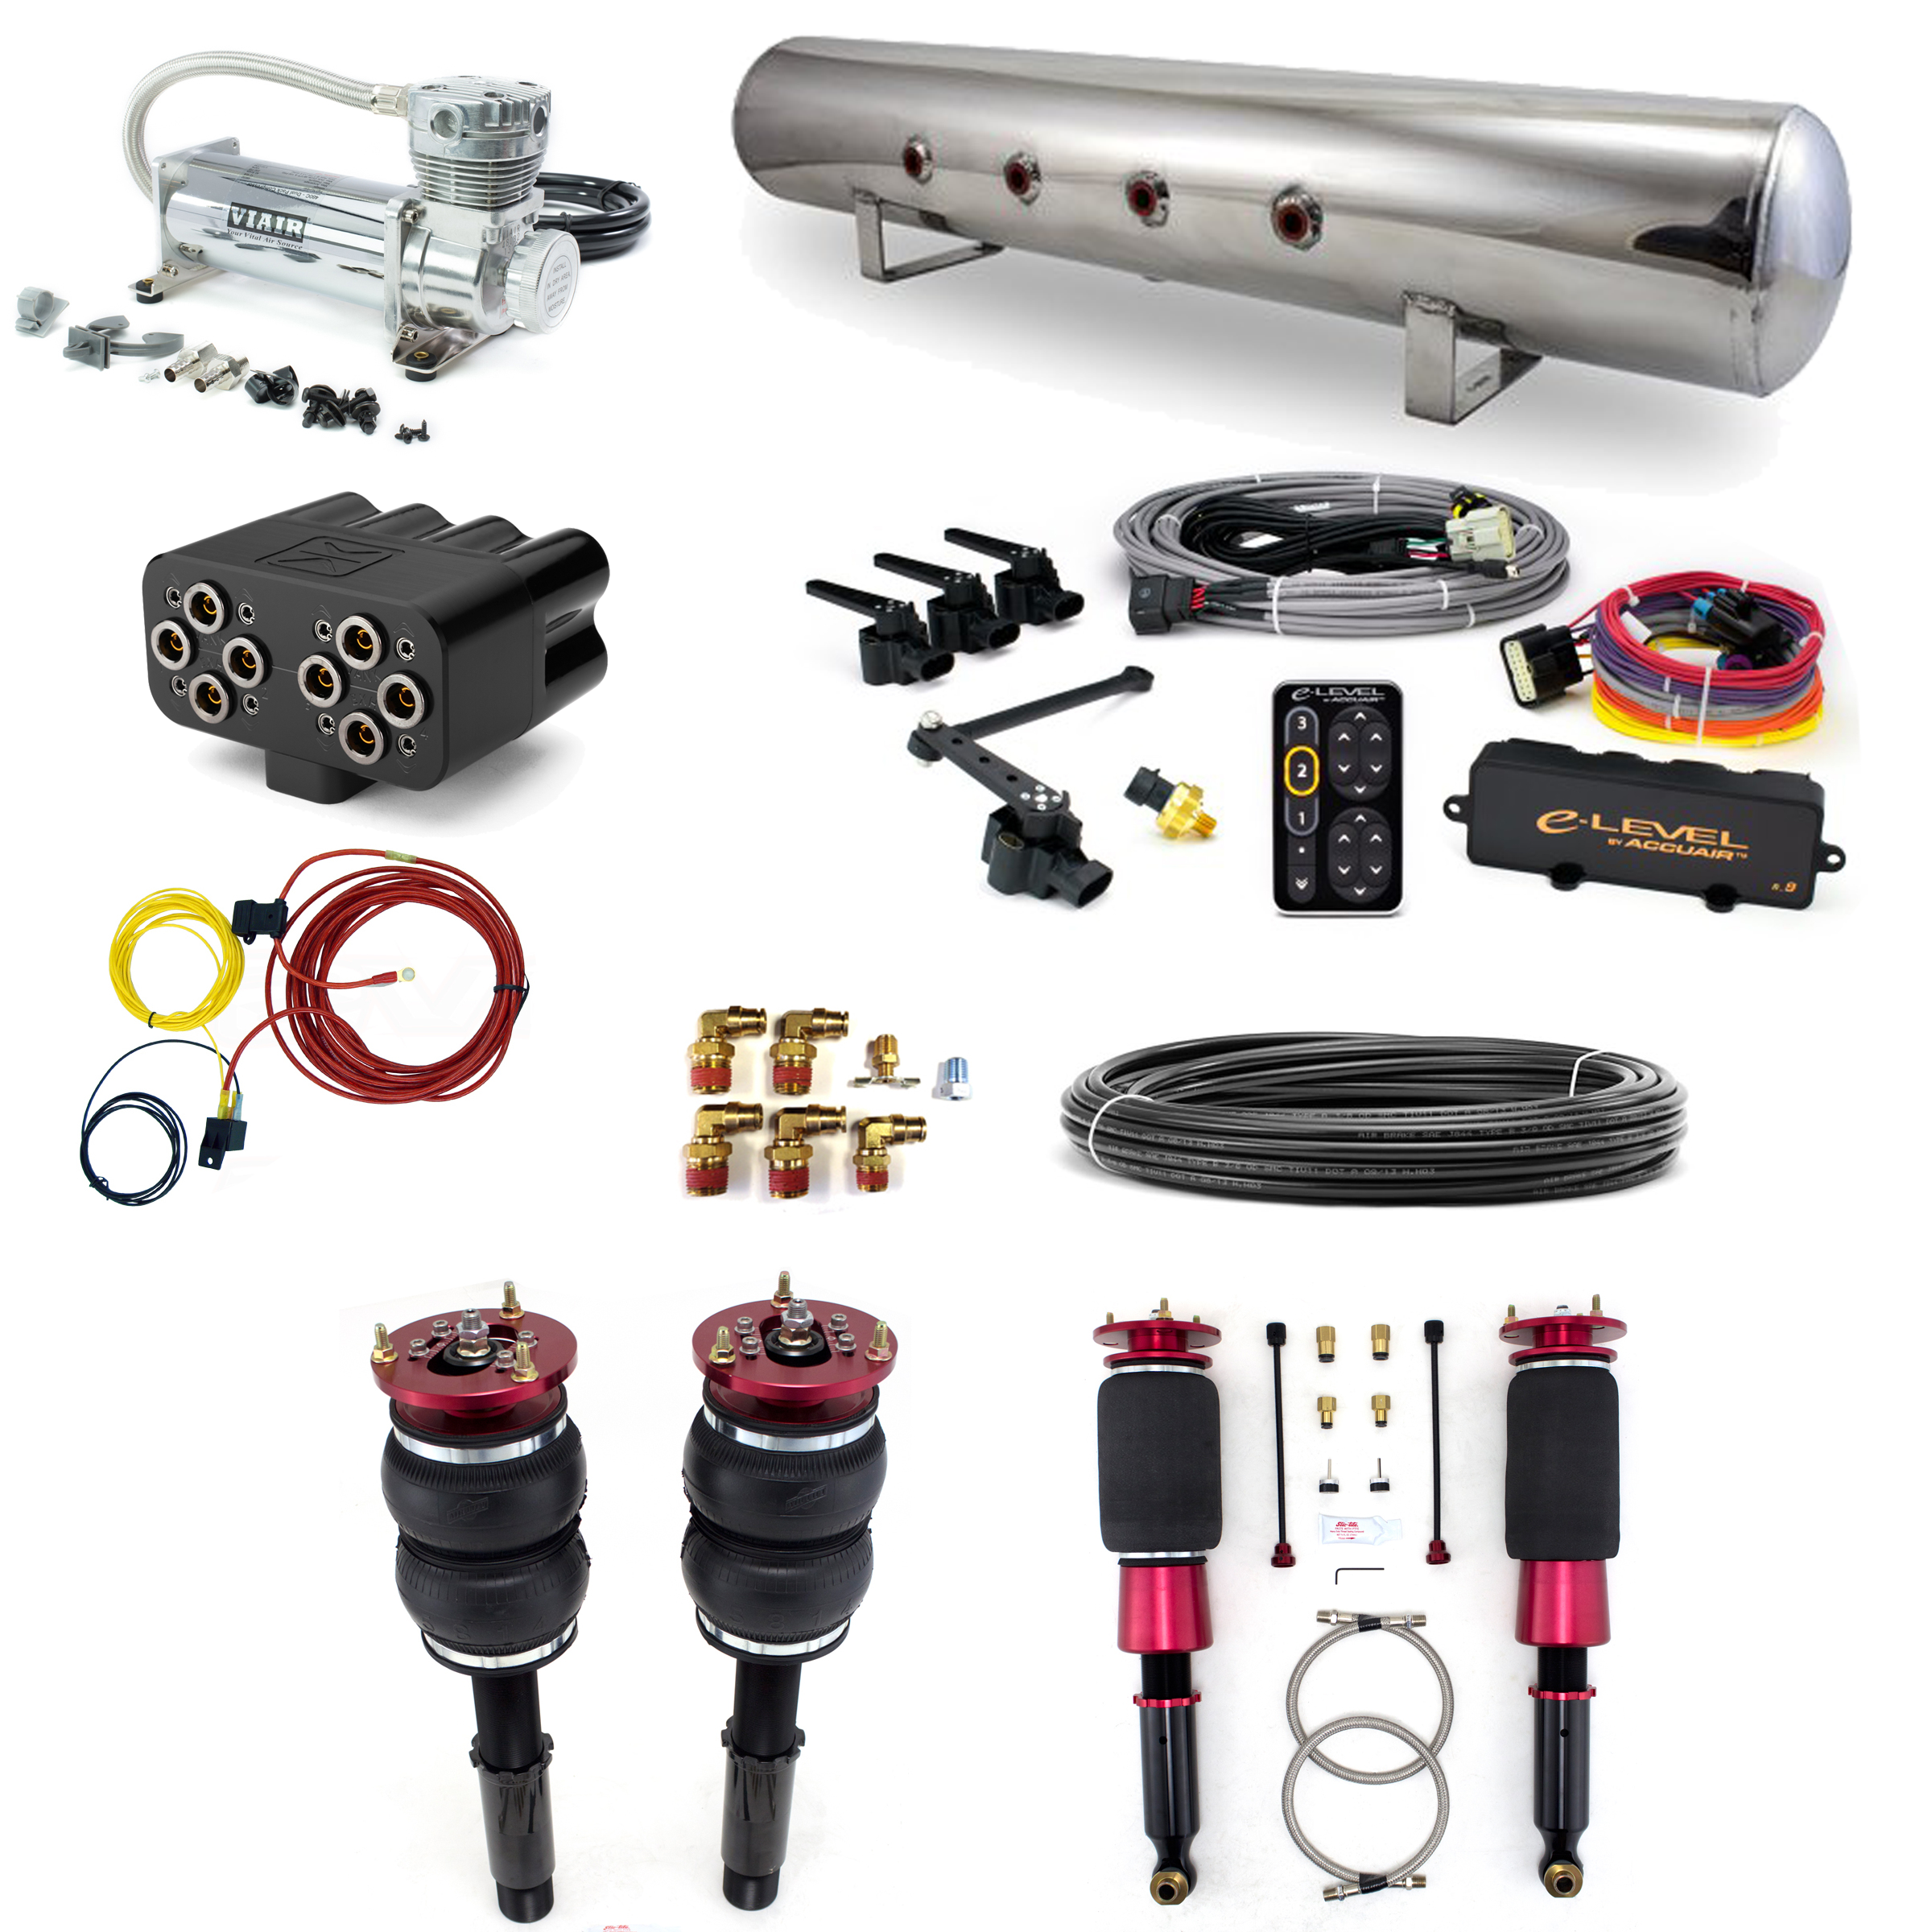 home > air suspension systems > bmw > e39 > accuair stage 3 air suspension  system - bmw 5 series (e39) 97-03 525i, 528i, 530i, 540i, and m5